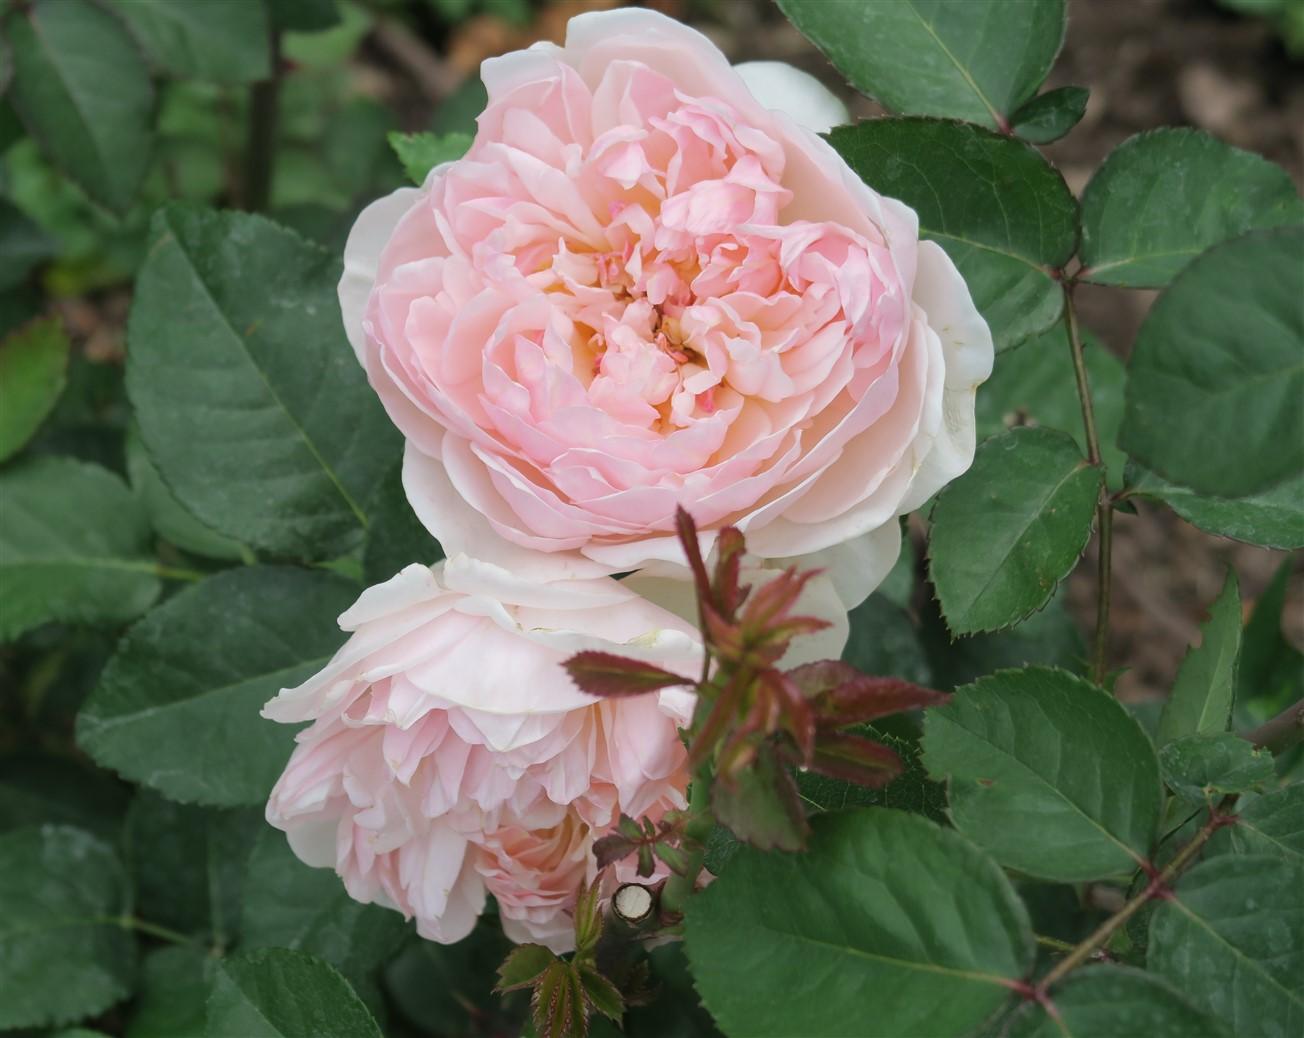 2015 06 07 227 Whetstone Rose Gardens.jpg